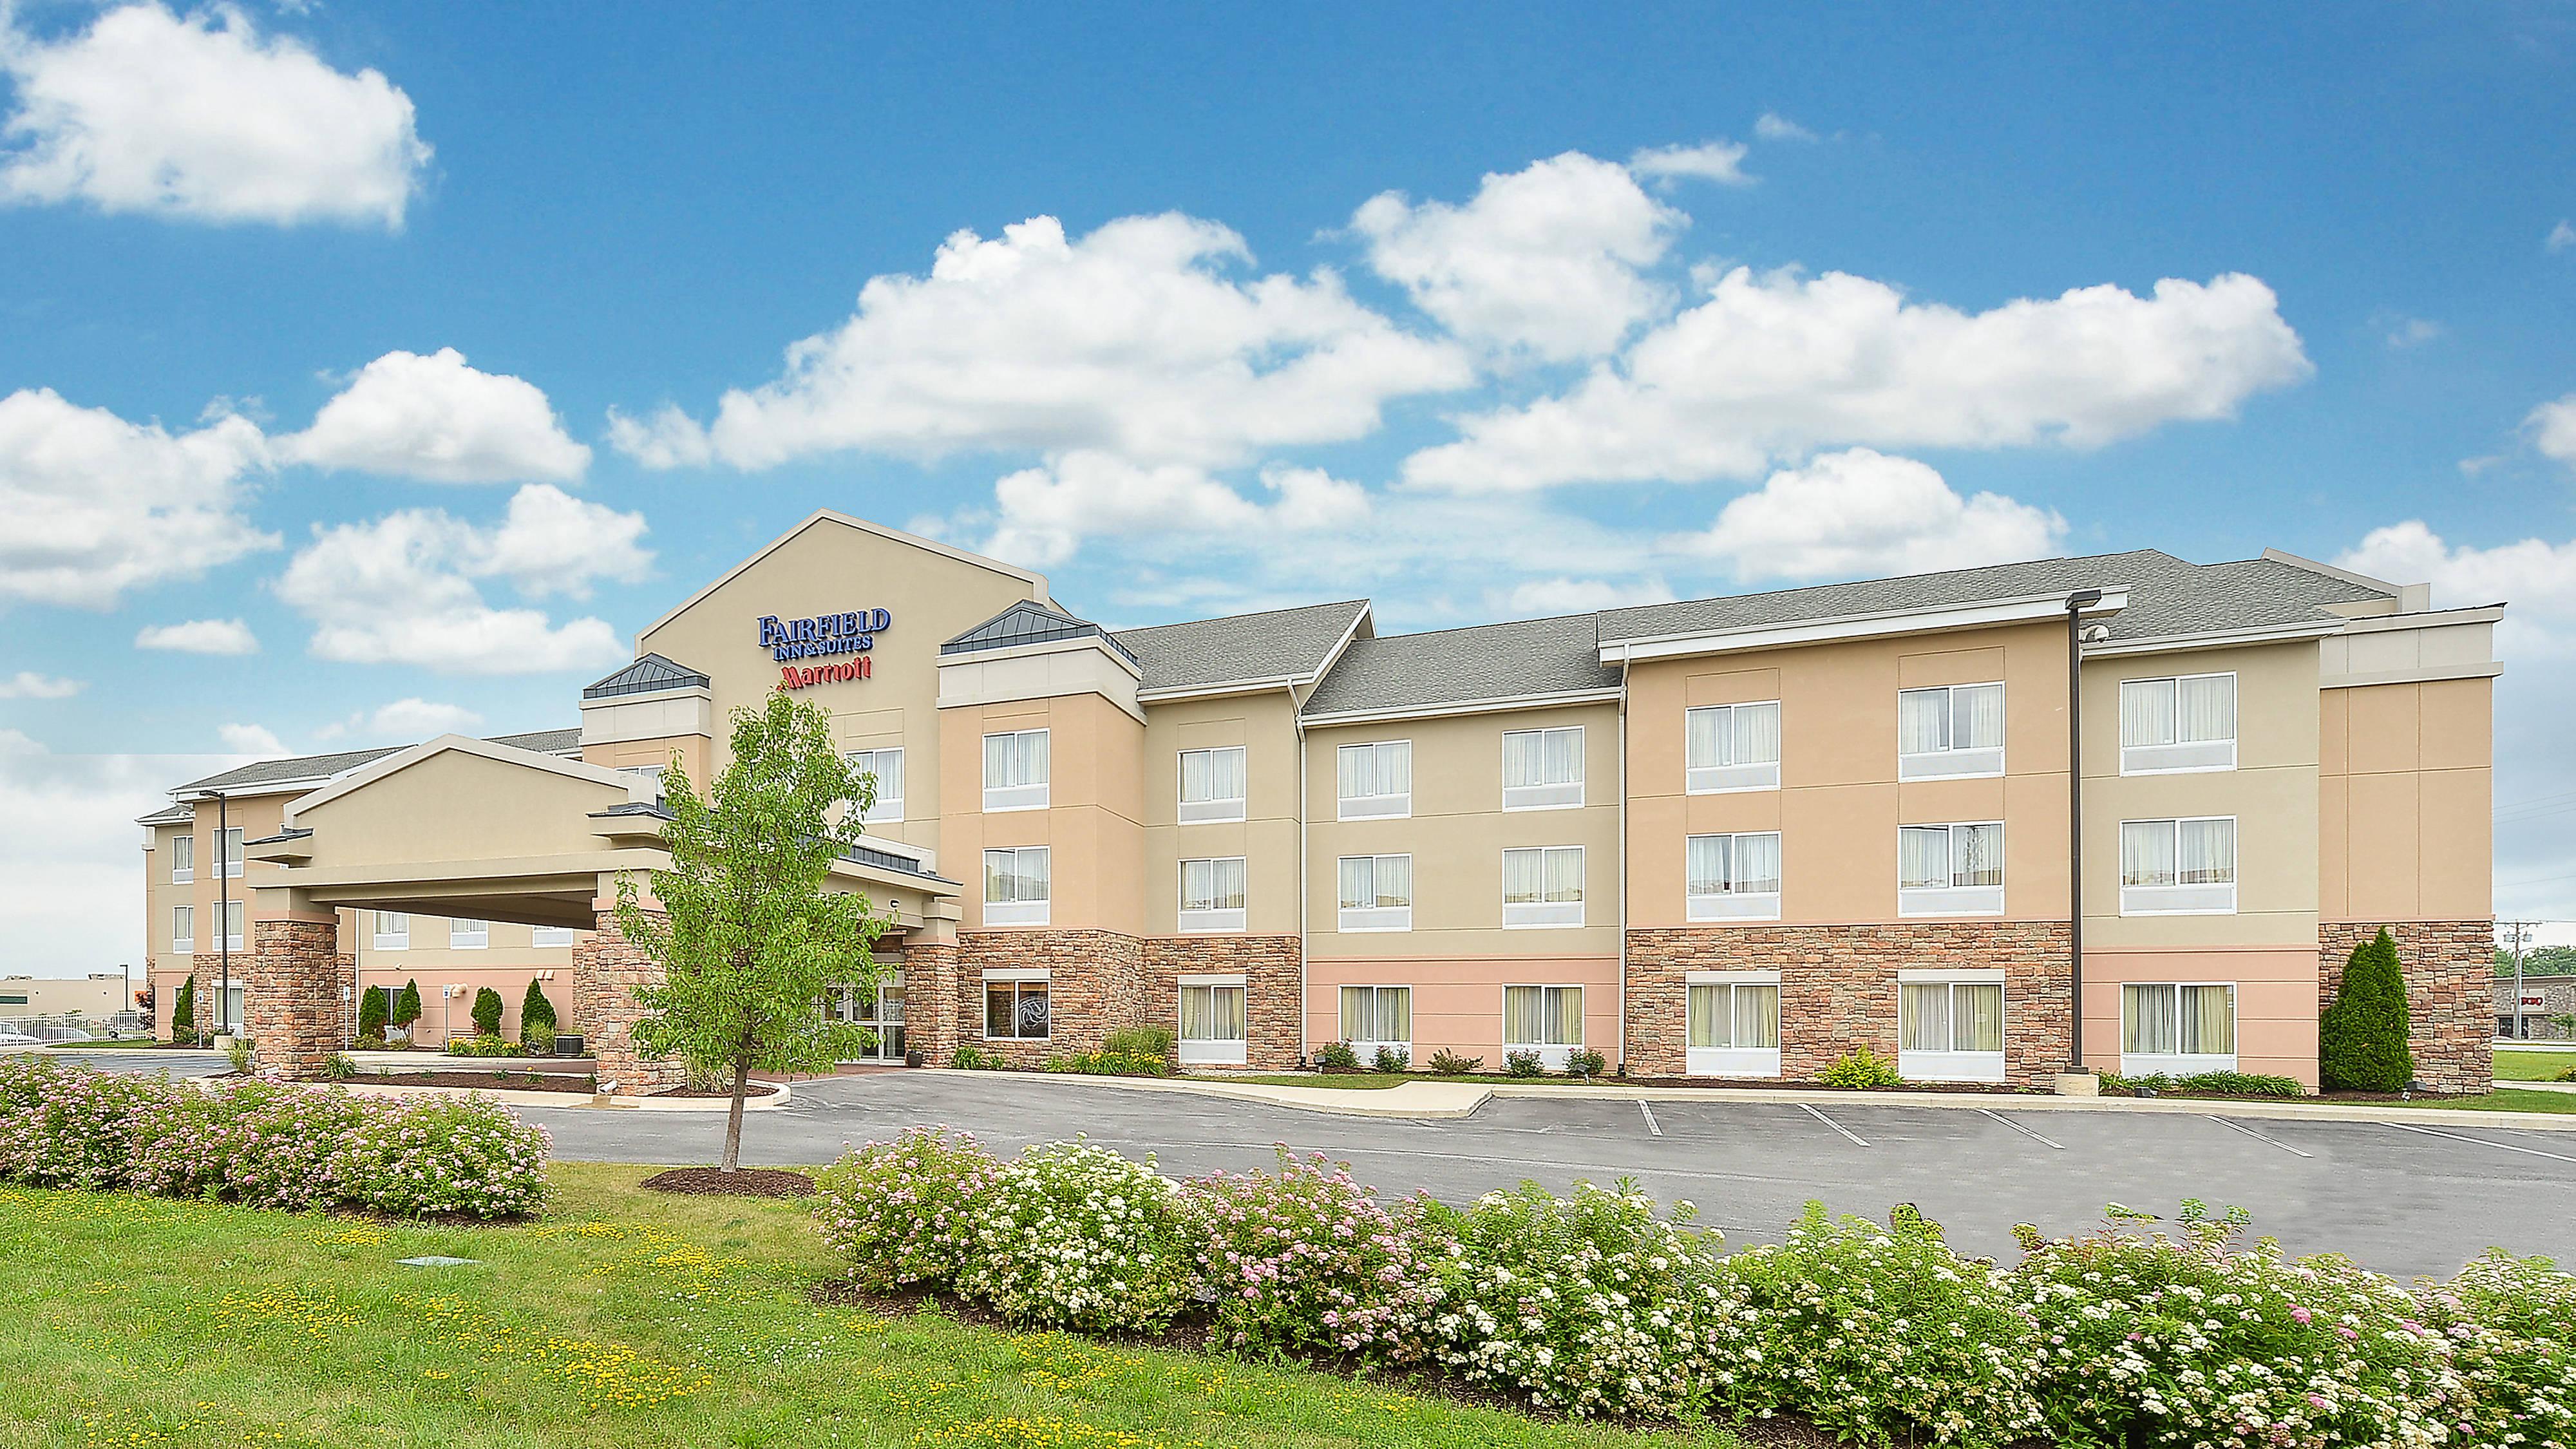 Fairfield Inn Amp Suites By Marriott Fort Wayne Fort Wayne